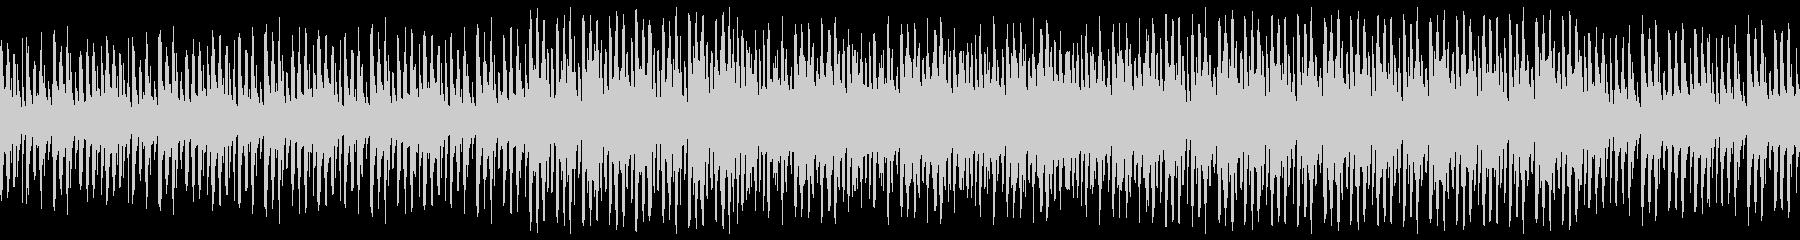 緊迫感のある低音オーケストラ ループ仕様の未再生の波形